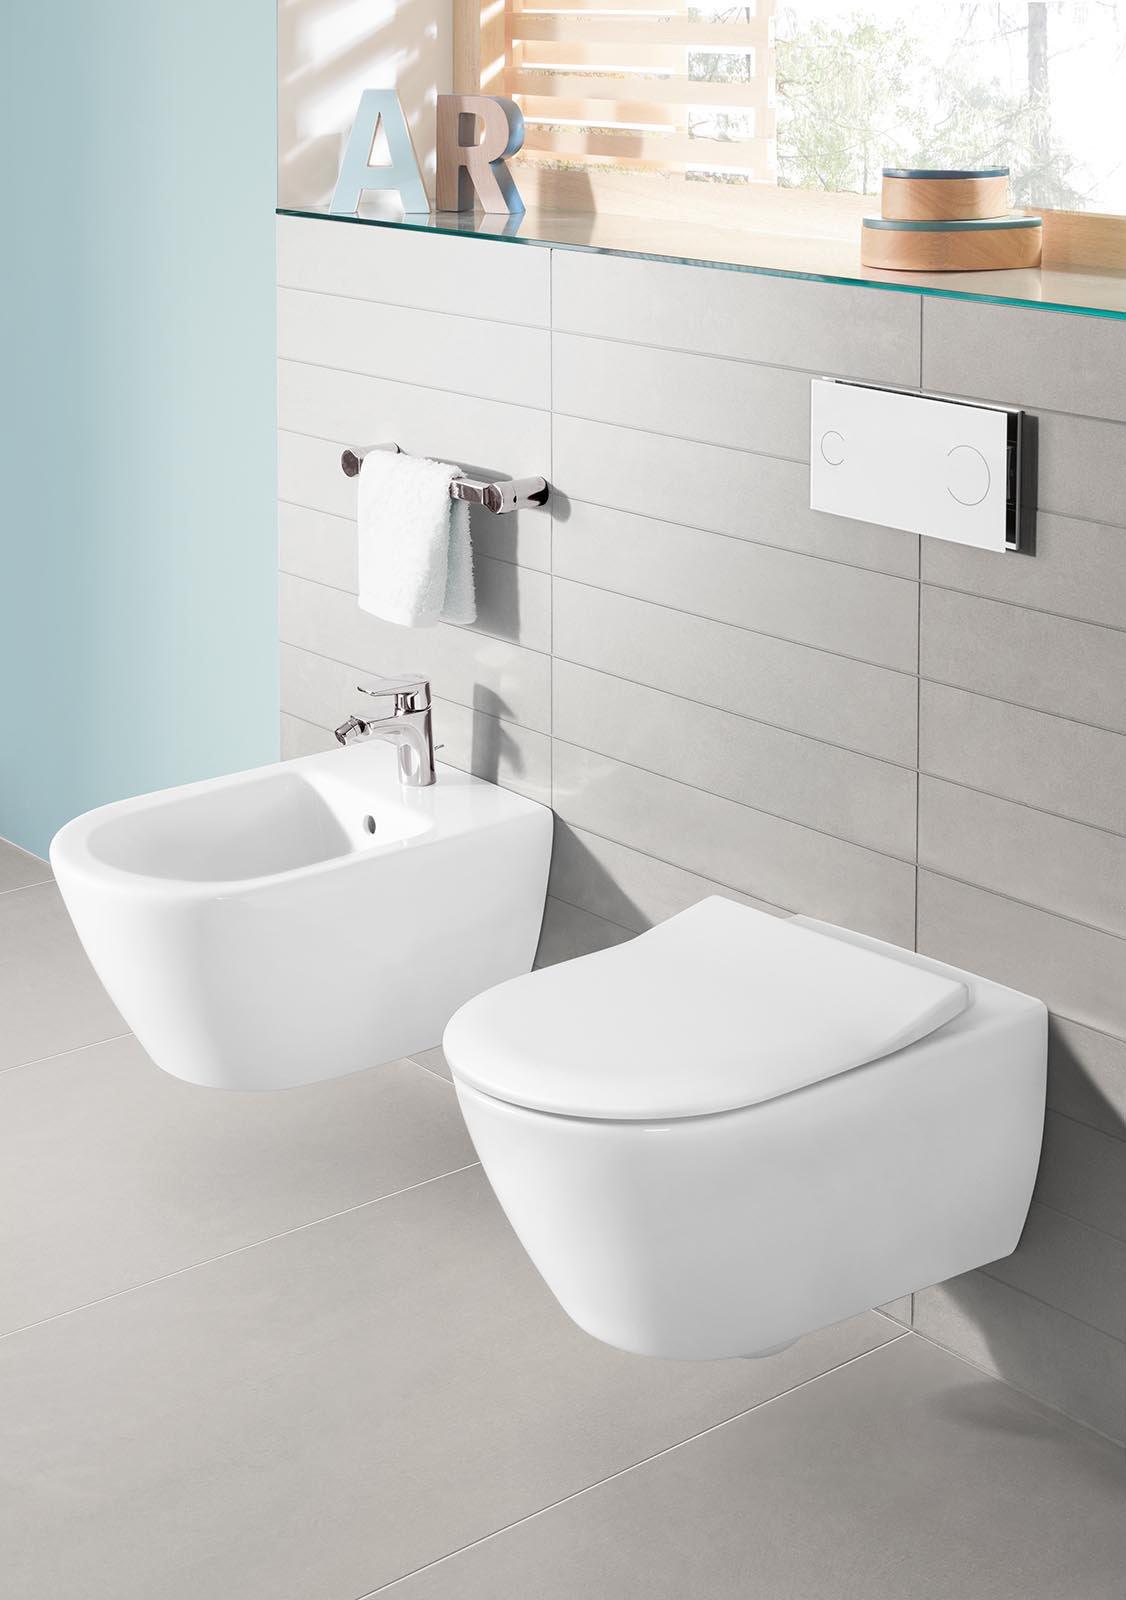 Sanitari sospesi per un bagno contemporaneo cose di casa - Dimensioni di un bagno ...